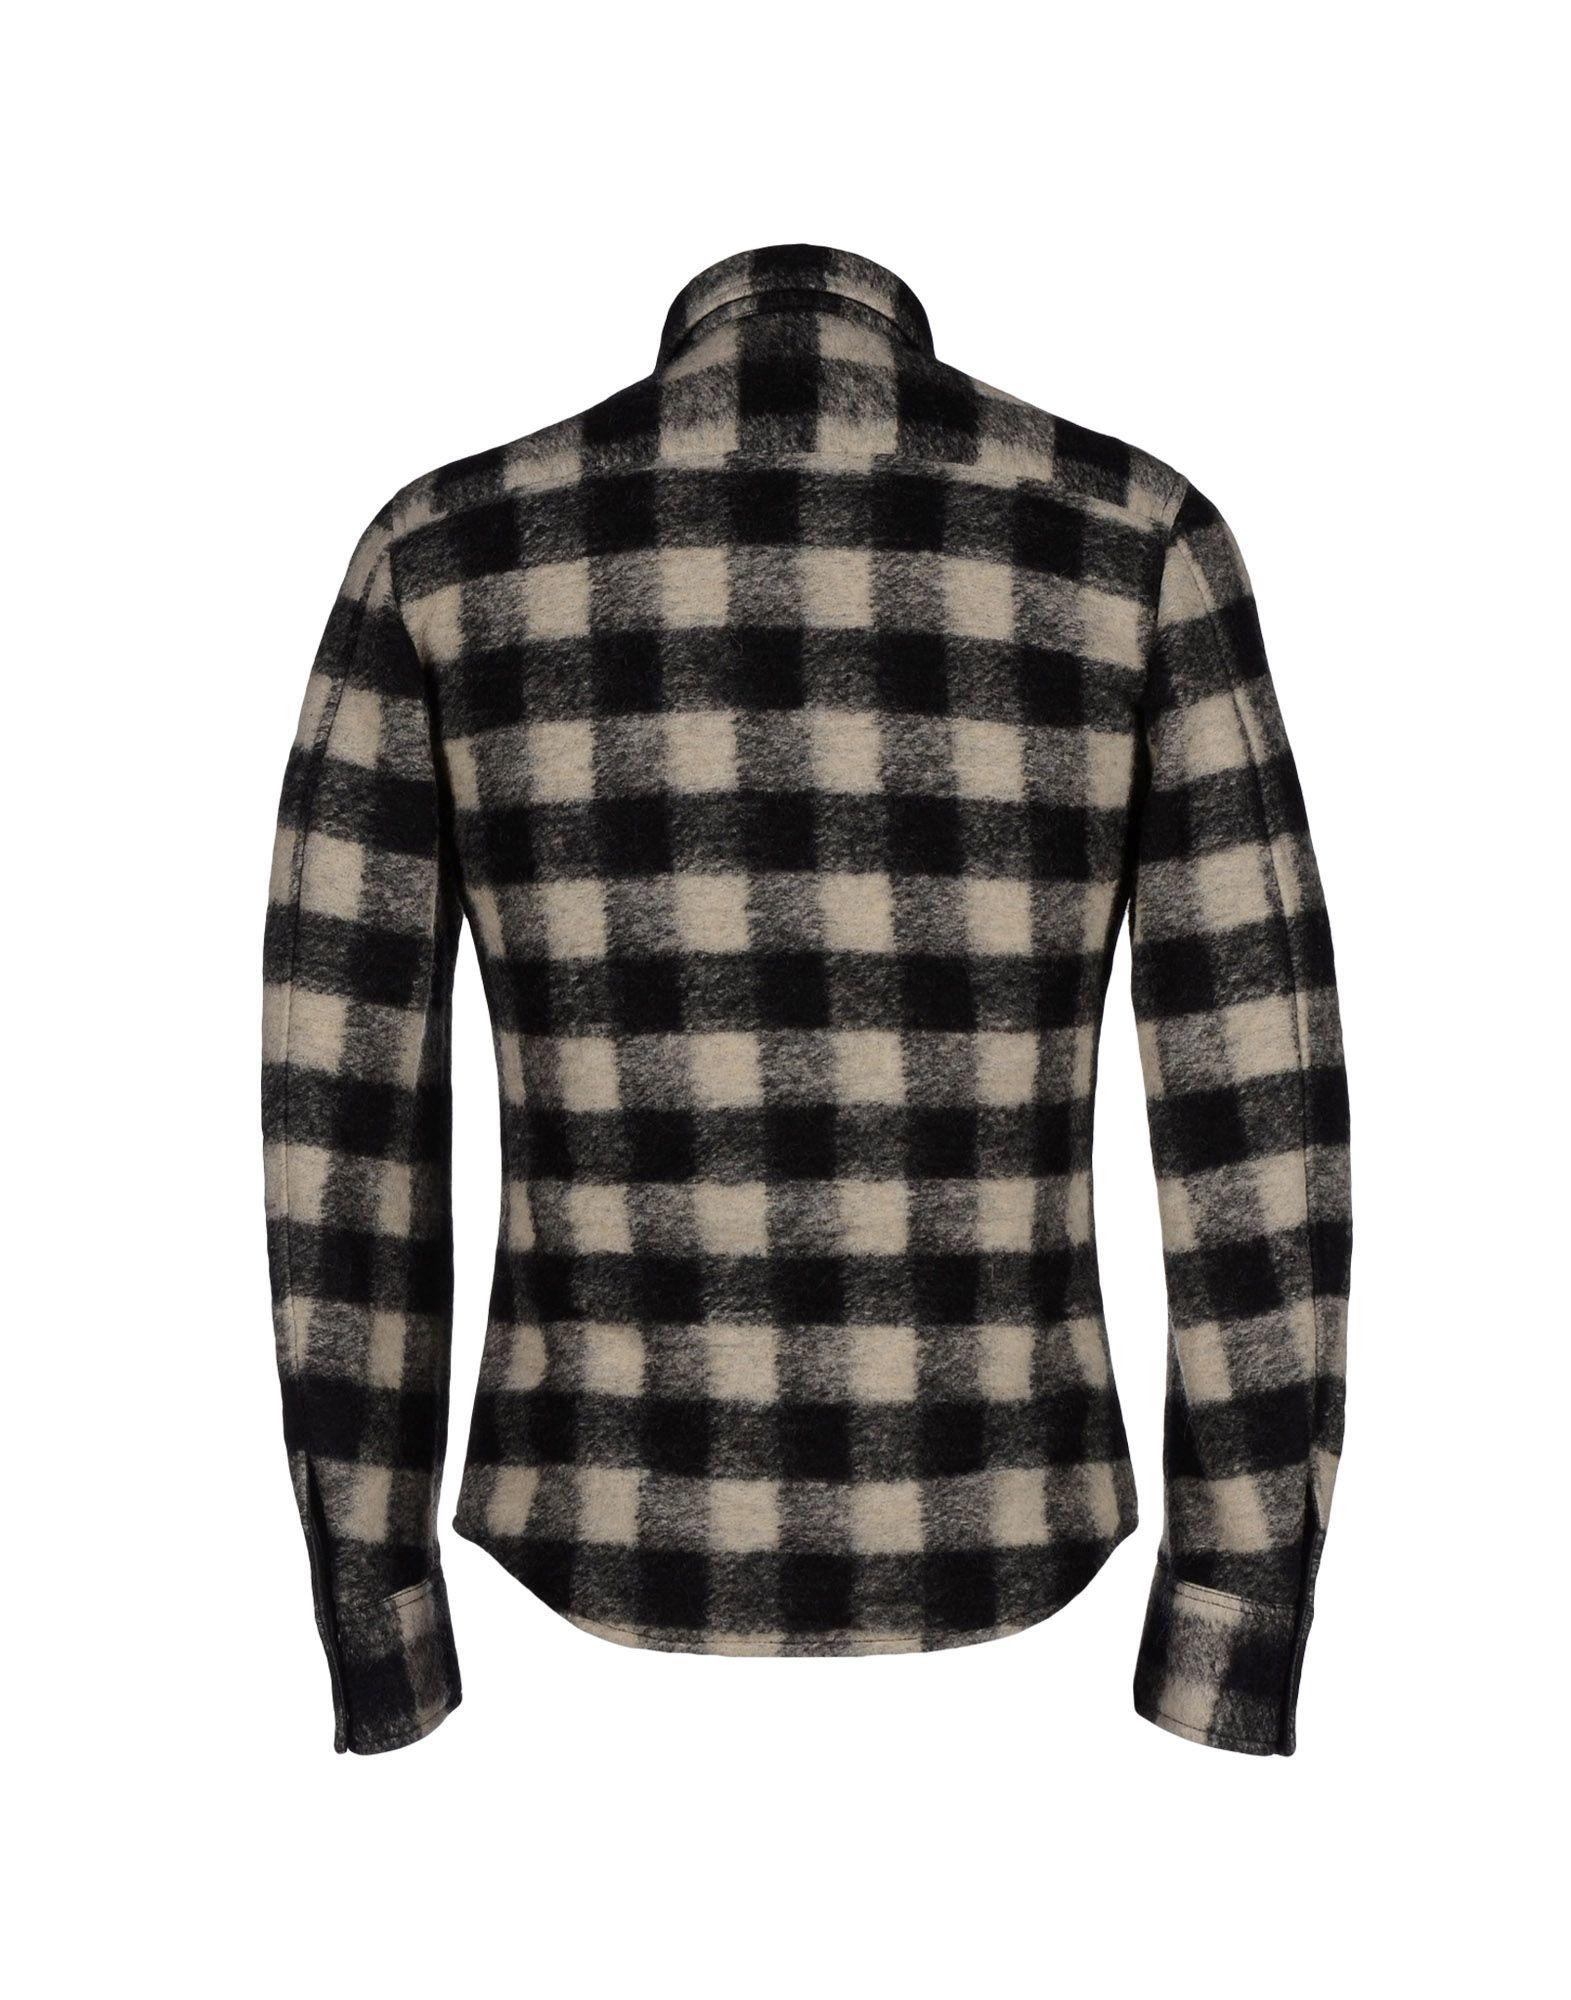 Dolce & Gabbana Reversible Tartan Wool Shirt Jacket in Ivory (Black) for Men